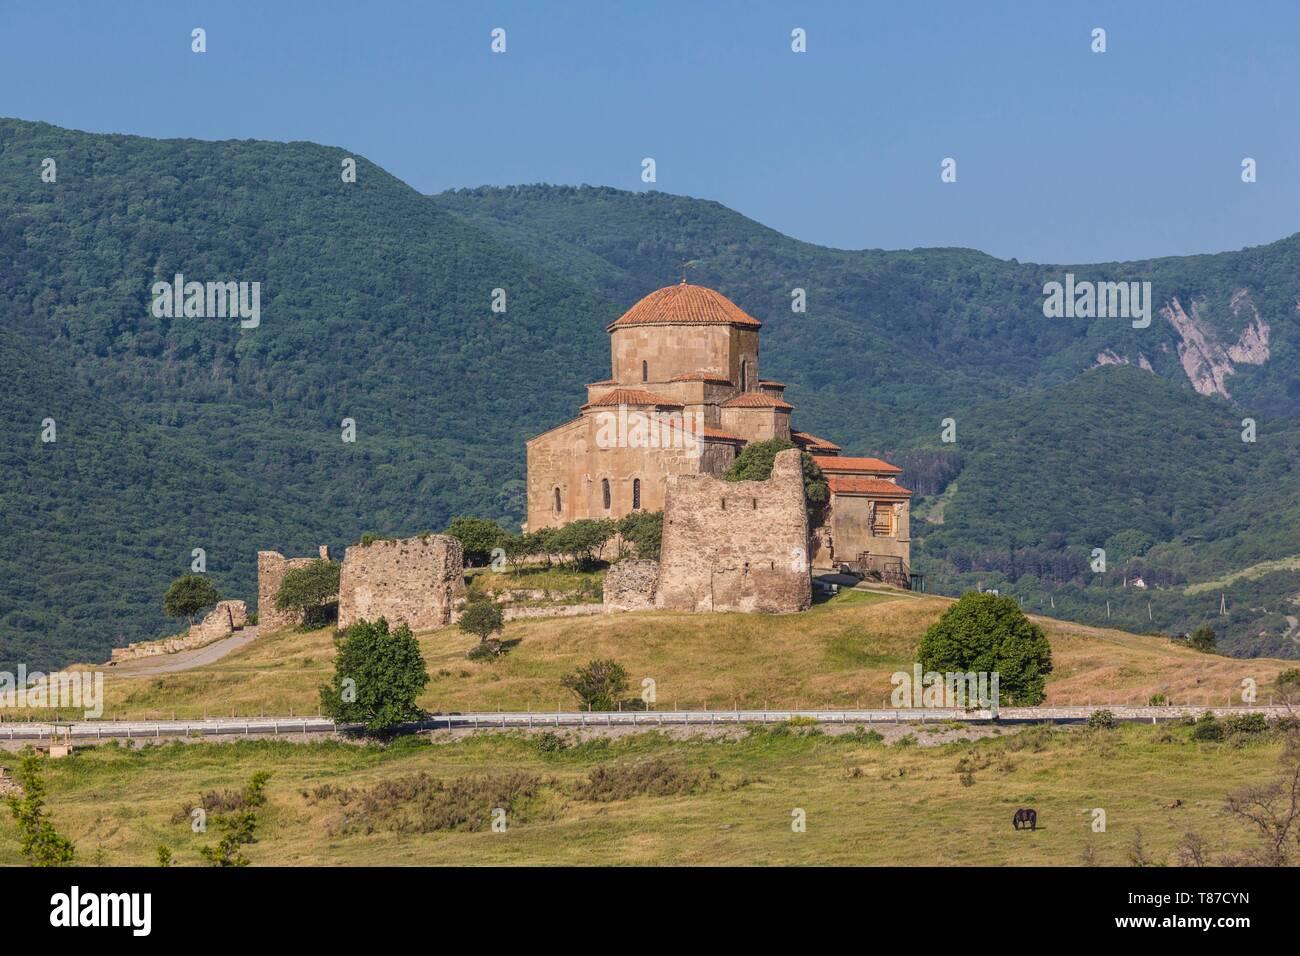 La Georgia, Mtskheta, spirituale comune dove il cristianesimo è stato stabilito in 327annuncio, chiesa di Jvari, mattina Immagini Stock